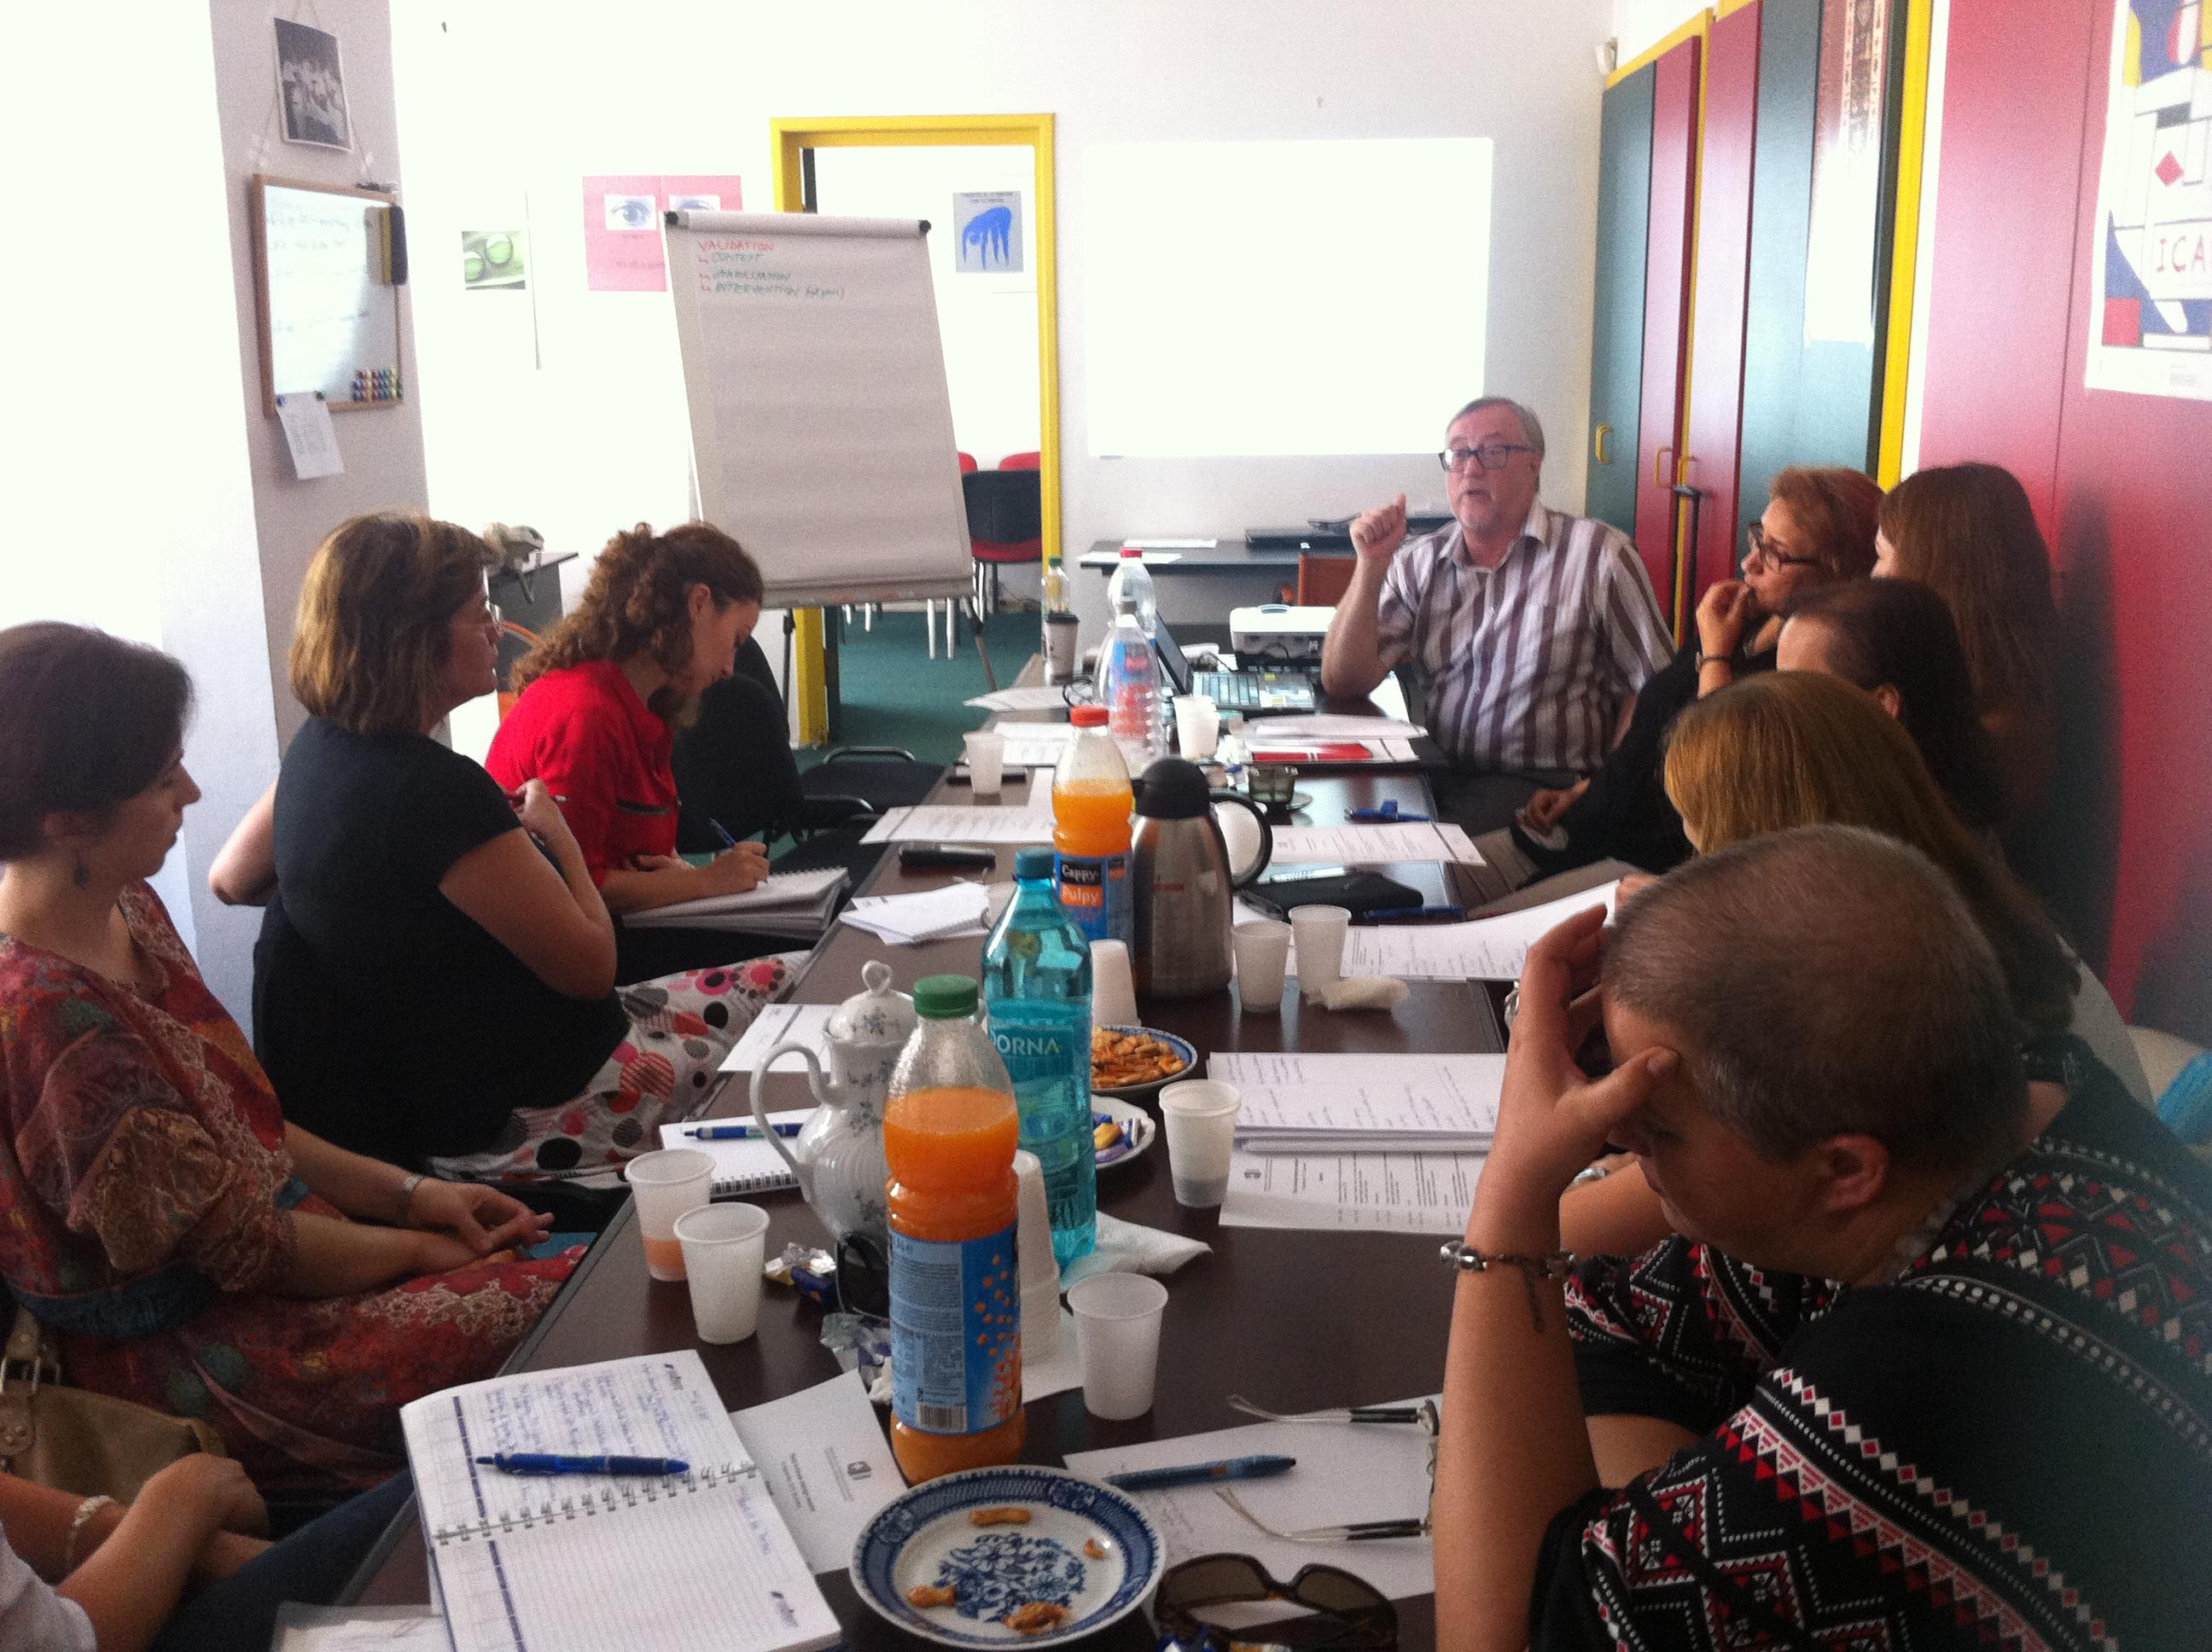 Specialistii ICAR participa la cea de-a treia sesiune de training cu expertii elvetieni